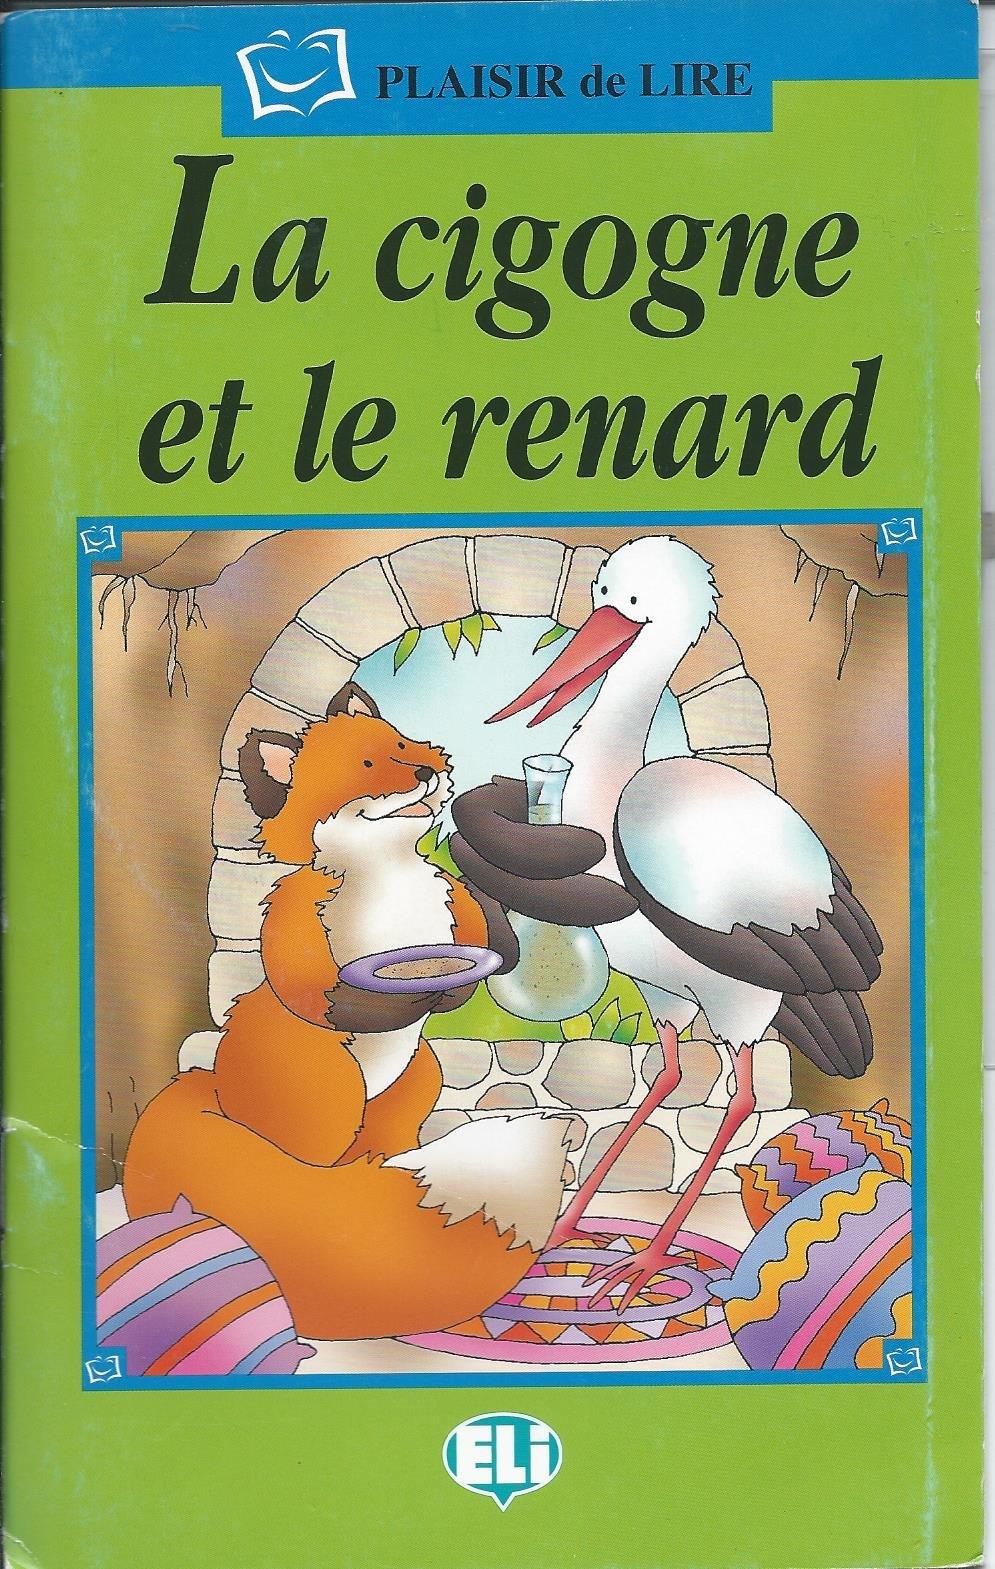 Download Plaisir de lire - Serie Verte: La cigogne et le renard - Book & CD pdf epub